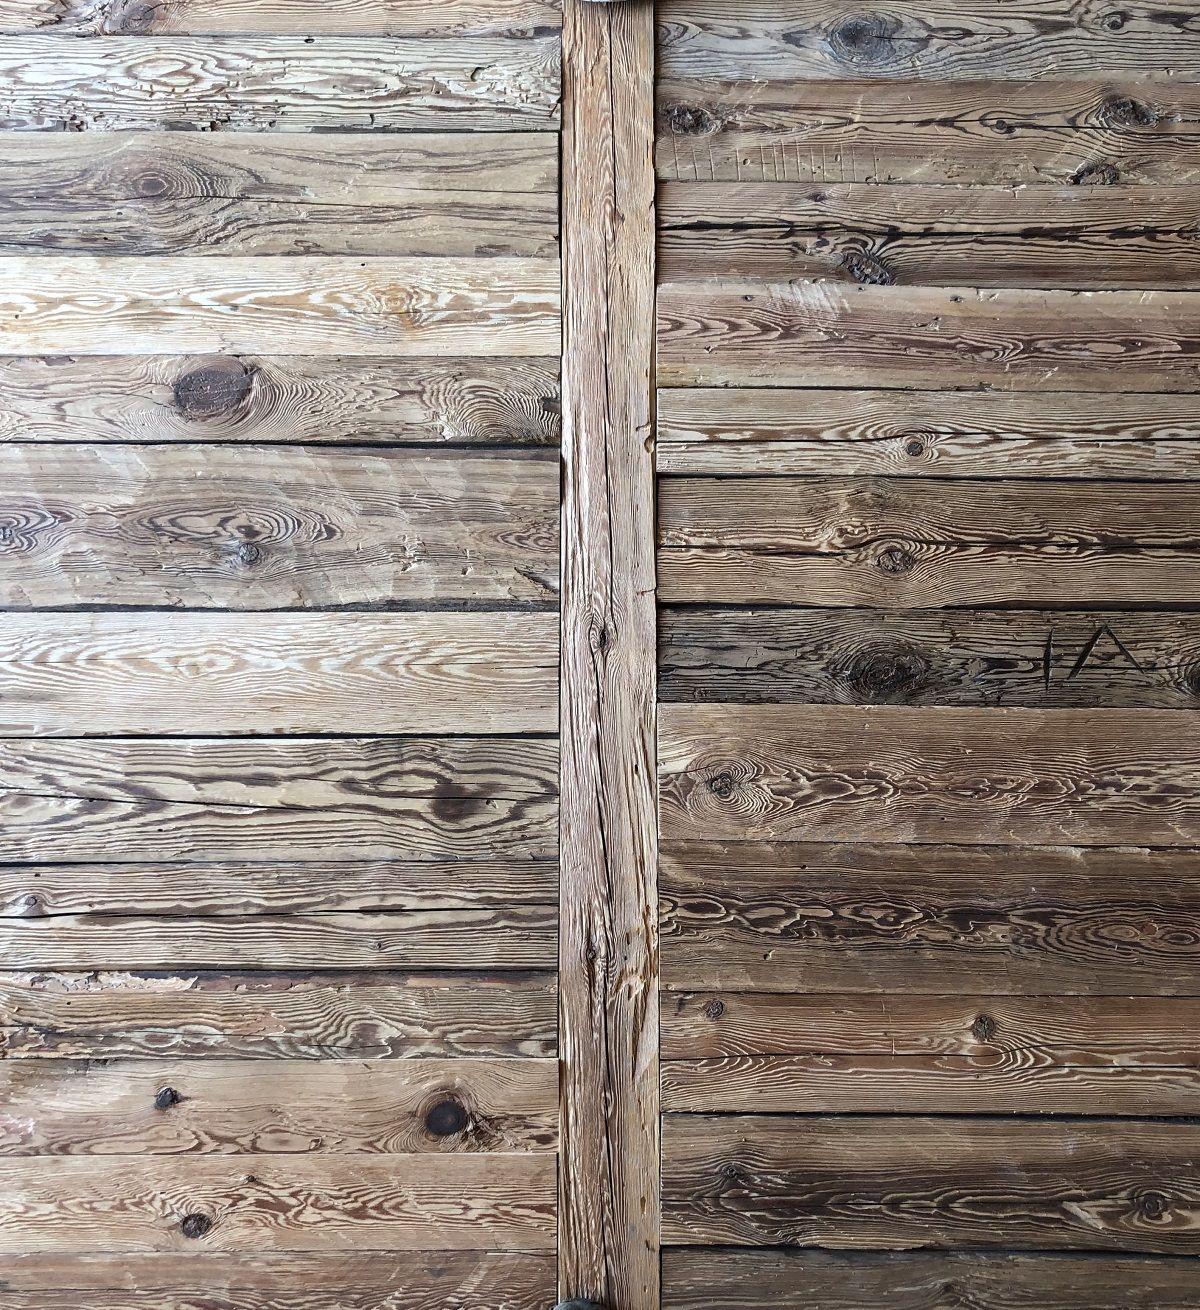 Rustikale Wandverkleidung Handgehackte Altholz Bretter Vintage Holz In 2020 Wandverkleidung Altholz Wandverkleidung Holz